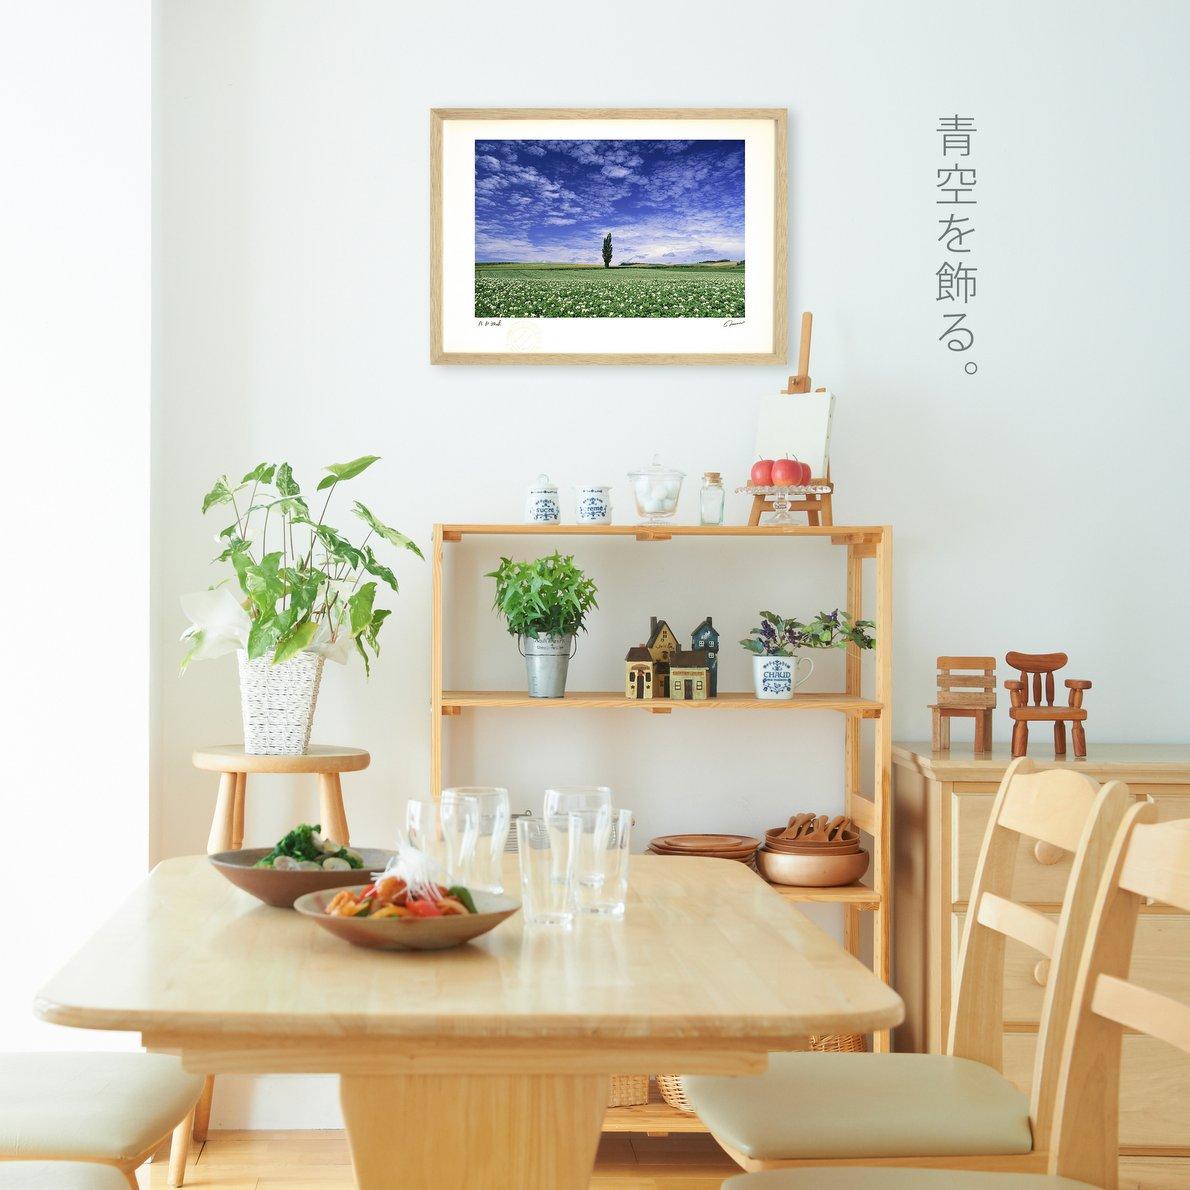 《アートフォト》サンピラー2/美瑛町〔富良野・高橋真澄〕(レンタル対象)